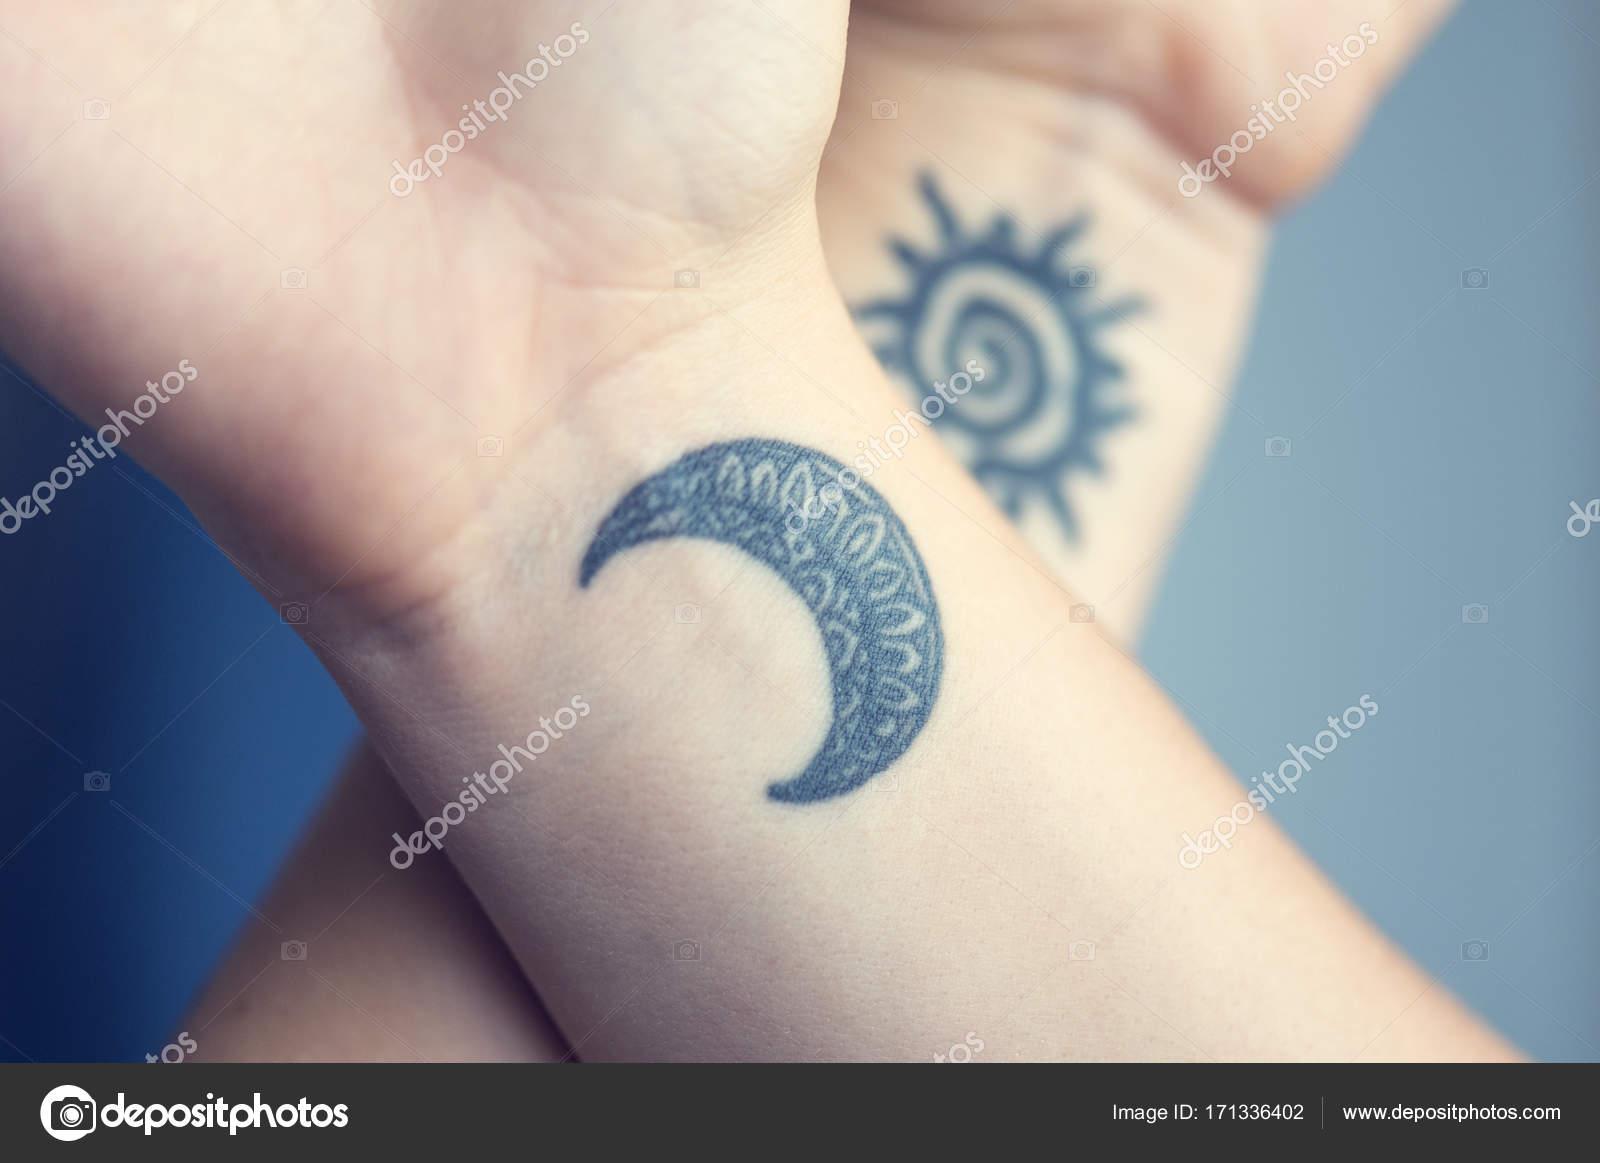 Sztuka Tatuaż Lub Ciała Na Ciało Słońce I Księżyc Wzór Na